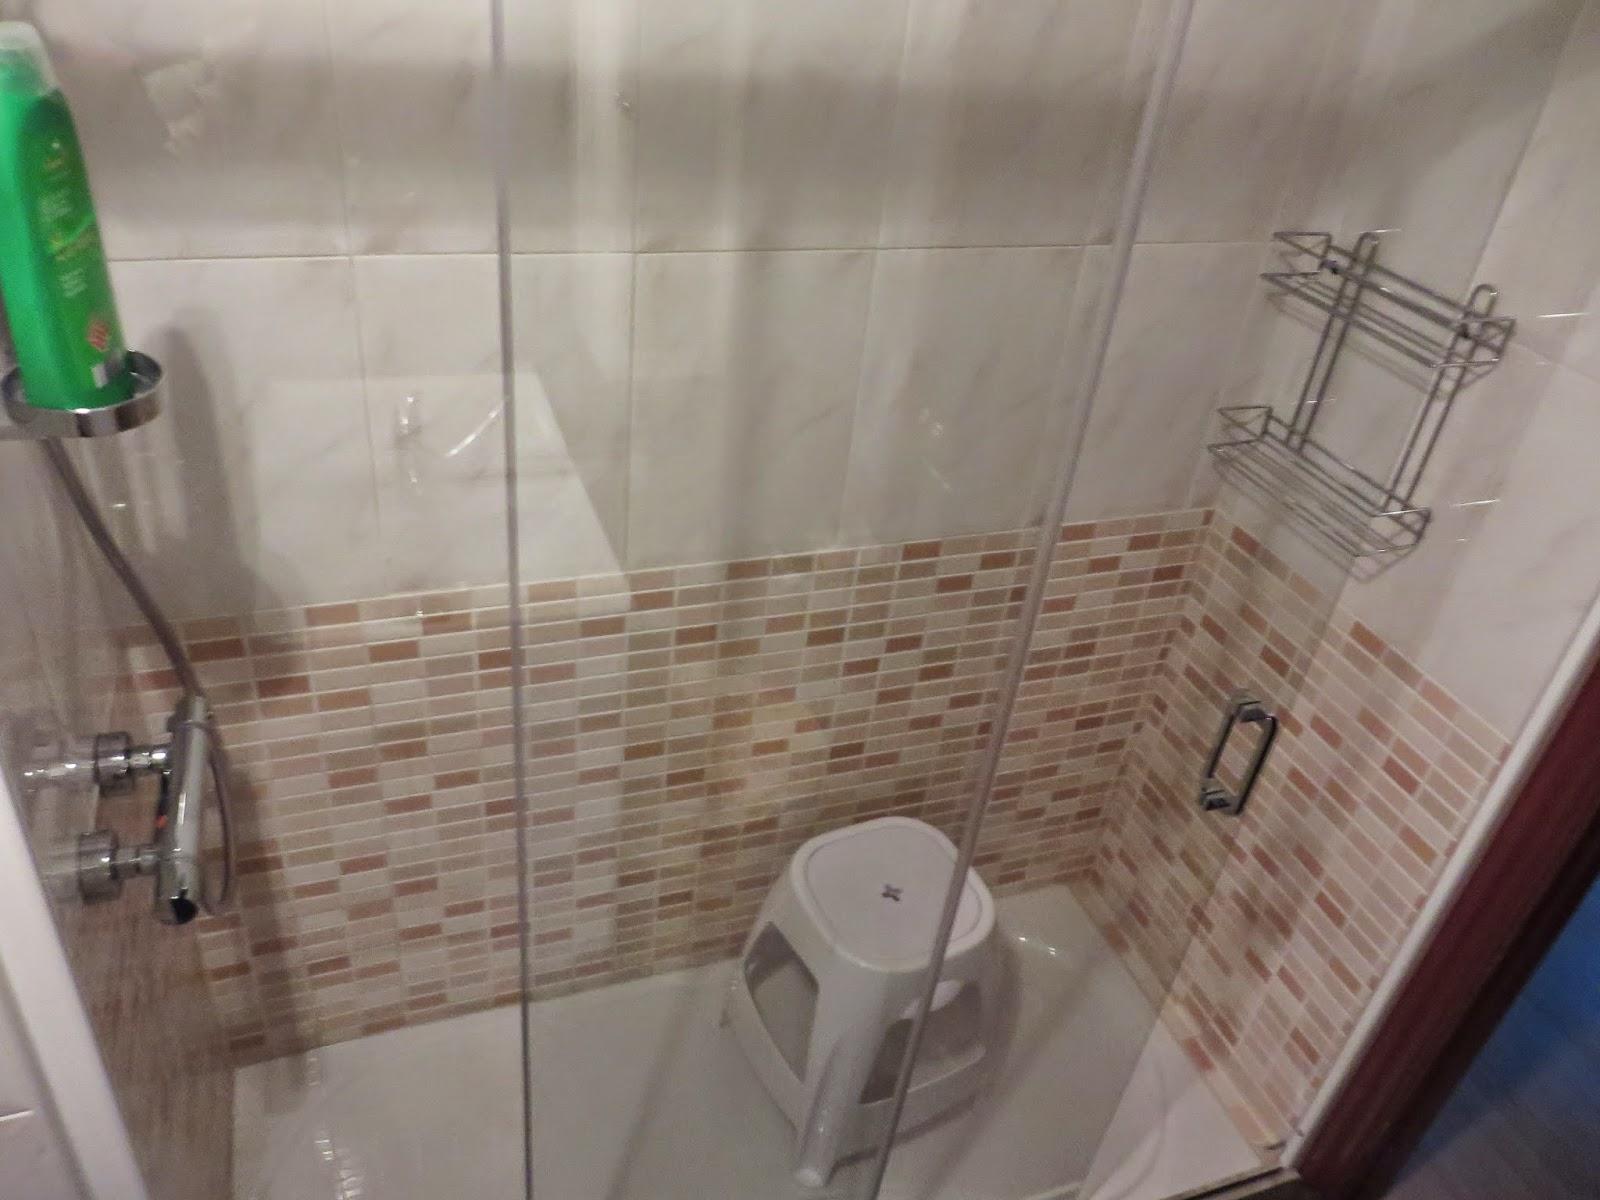 Único Cuarto Baños Diseño Viñeta - Ideas de Decoración de Interiores ...